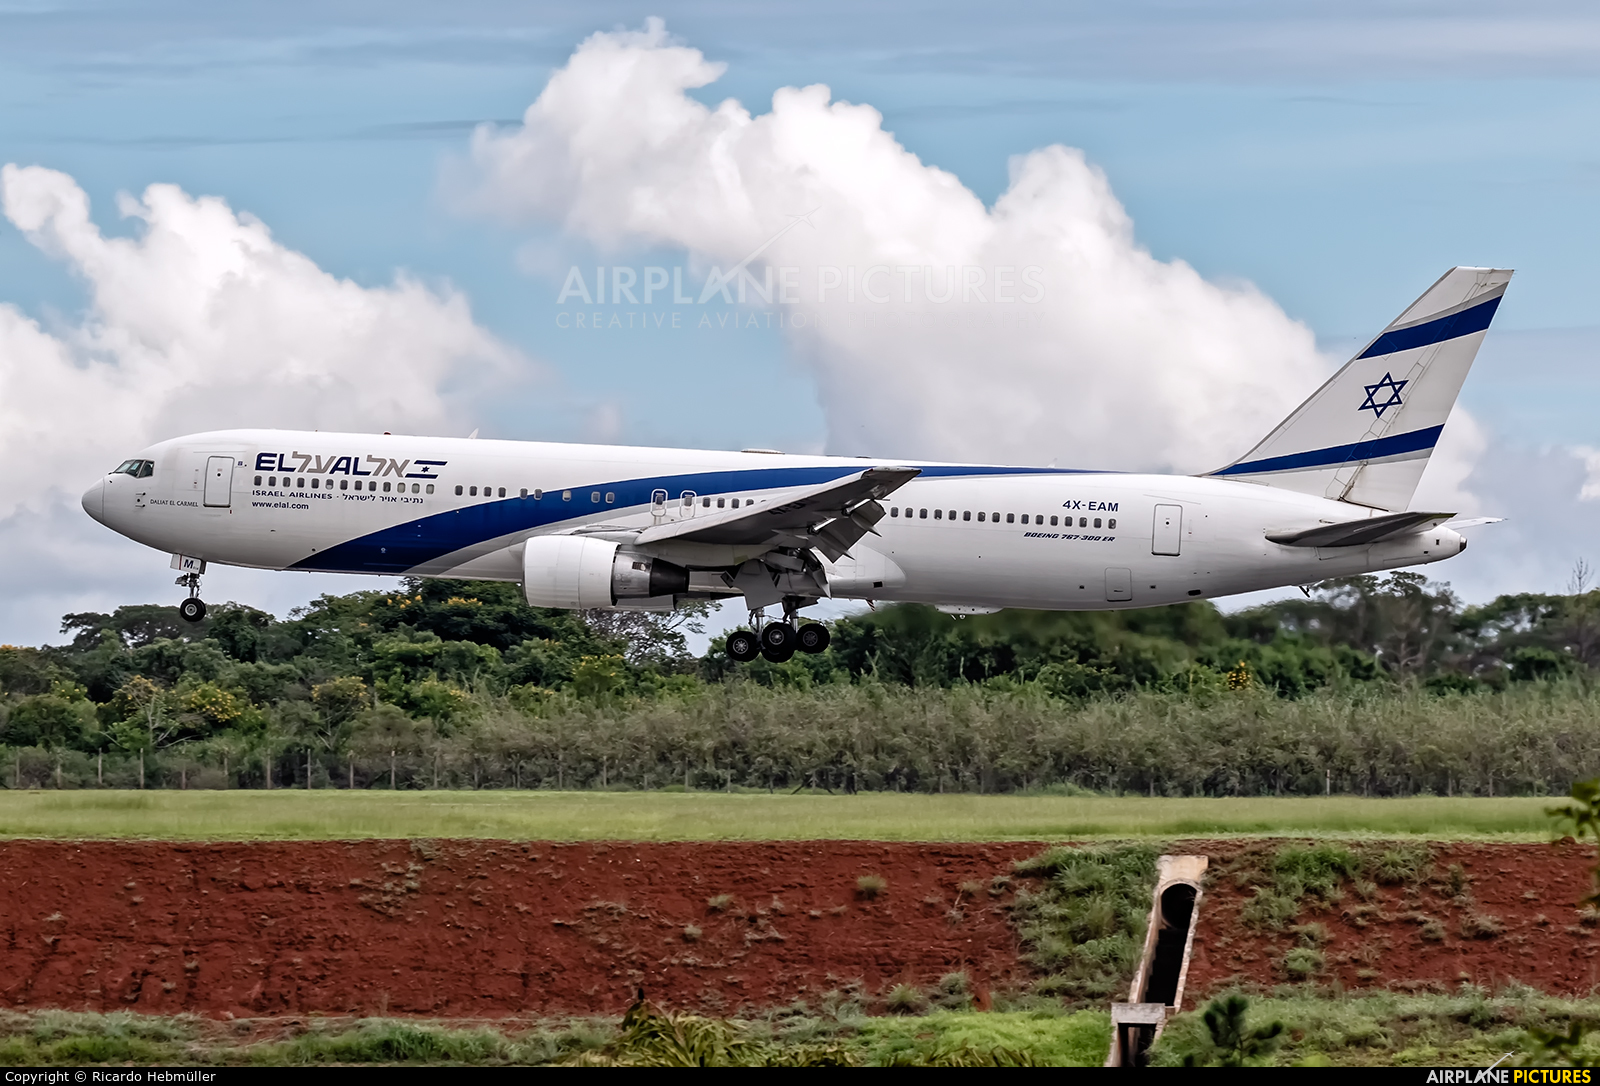 El Al Israel Airlines 4X-EAM aircraft at Brasília - Presidente Juscelino Kubitschek Intl